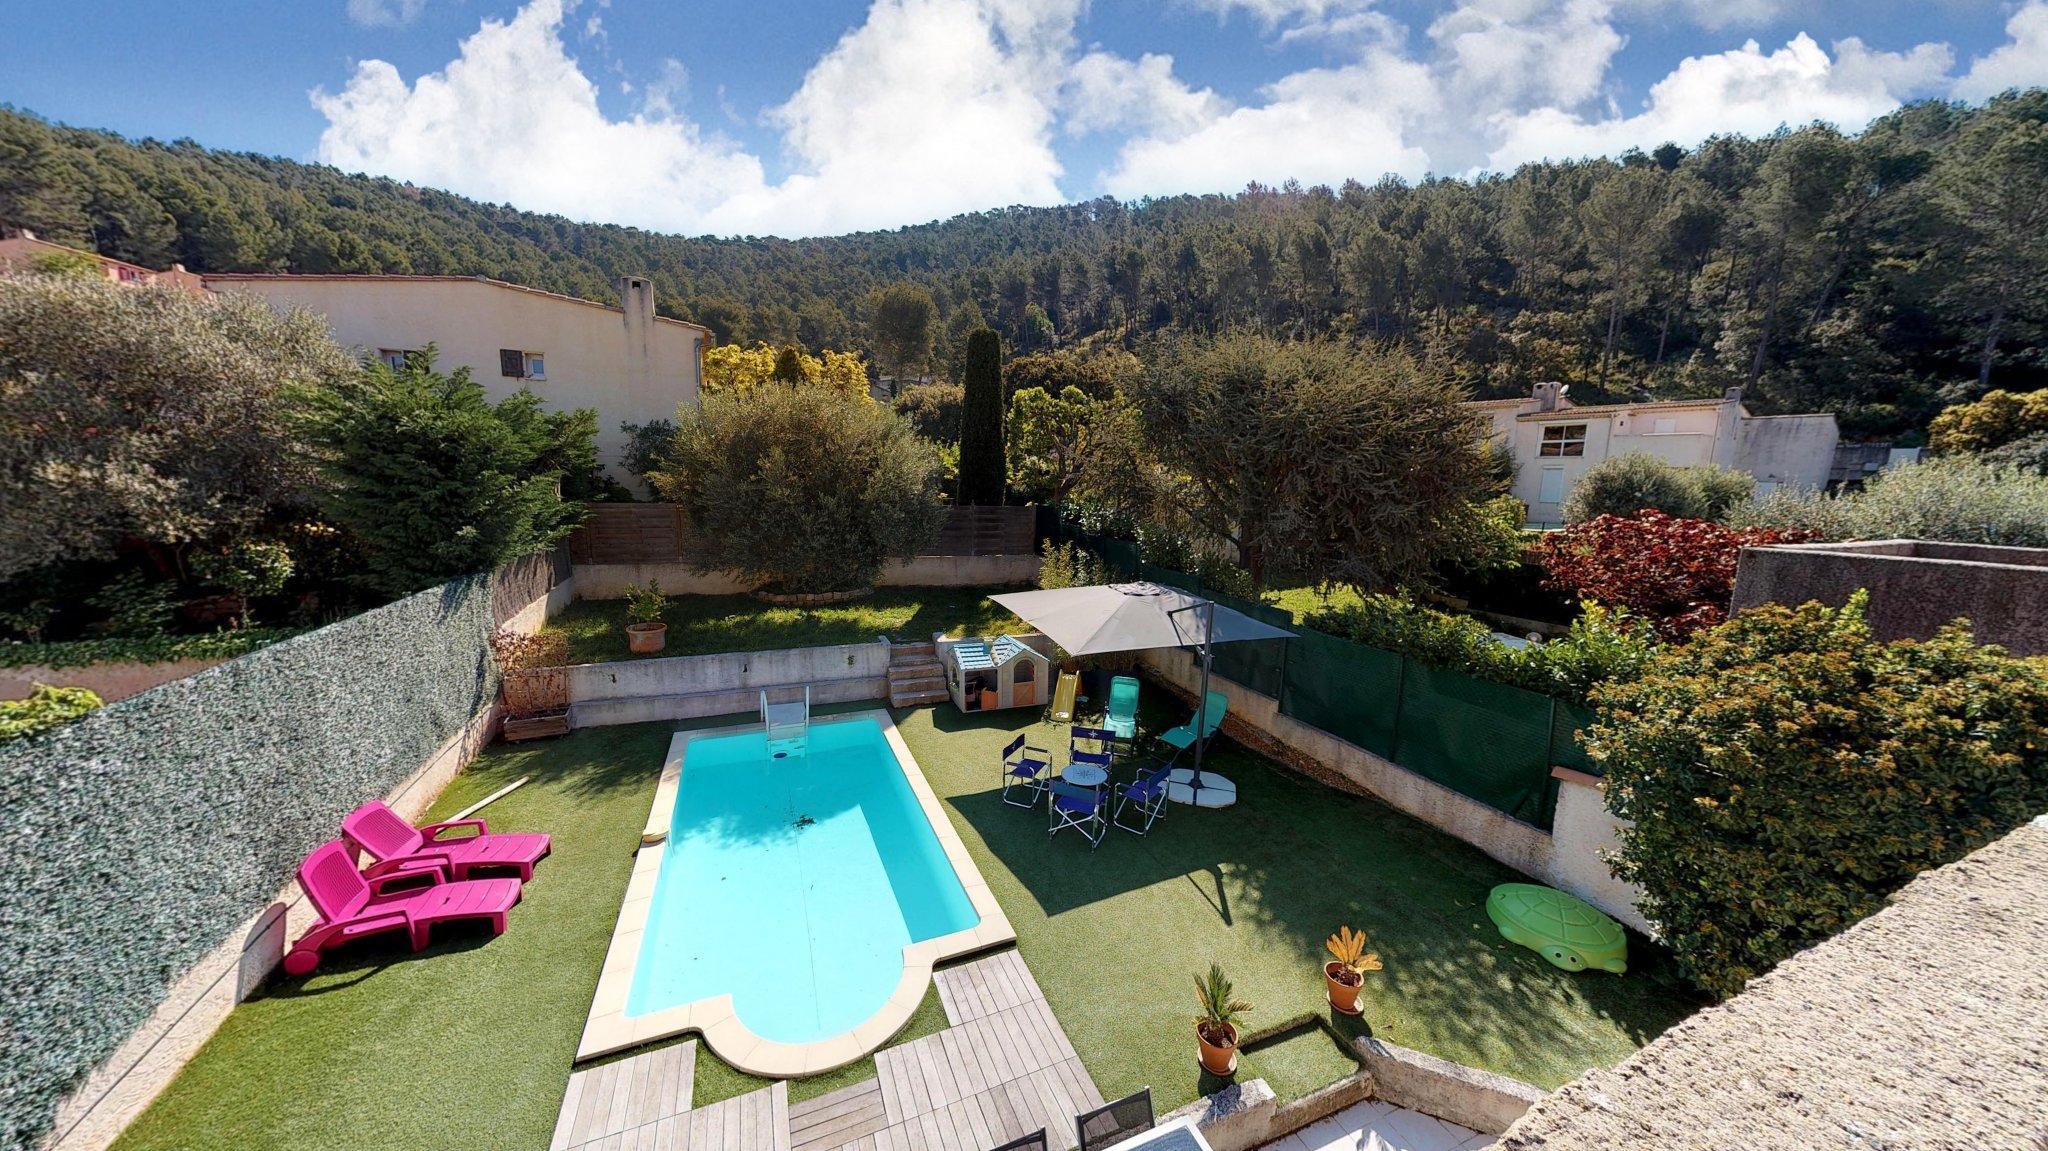 Vendu - Gemenos - Superbe Villa Mitoyenne Type5 De 135M² - Terrain 413M²  Avec Piscine pour Piscine De Gemenos